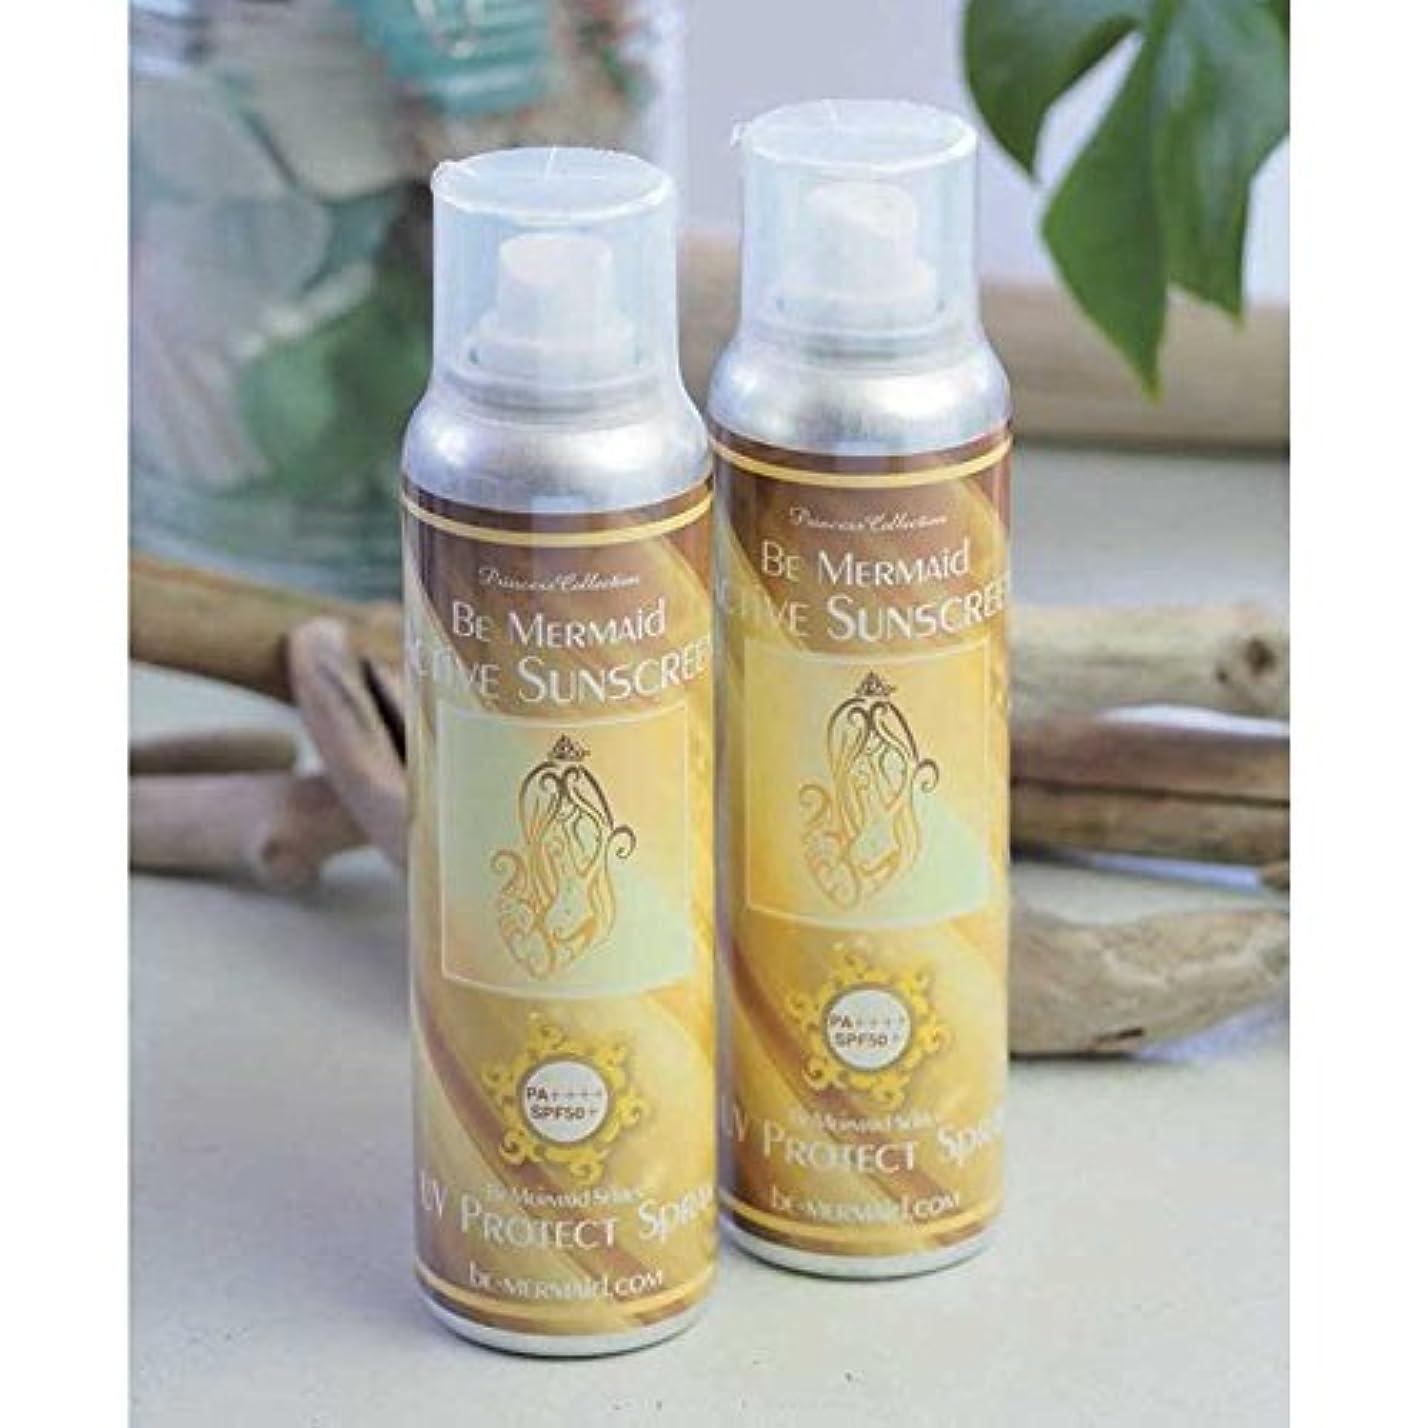 ネブビル化学UV PROTECT SPRAY Active Sunscreen Blue Mermaid ブルーマーメイド アクティブ?サンスクリーン